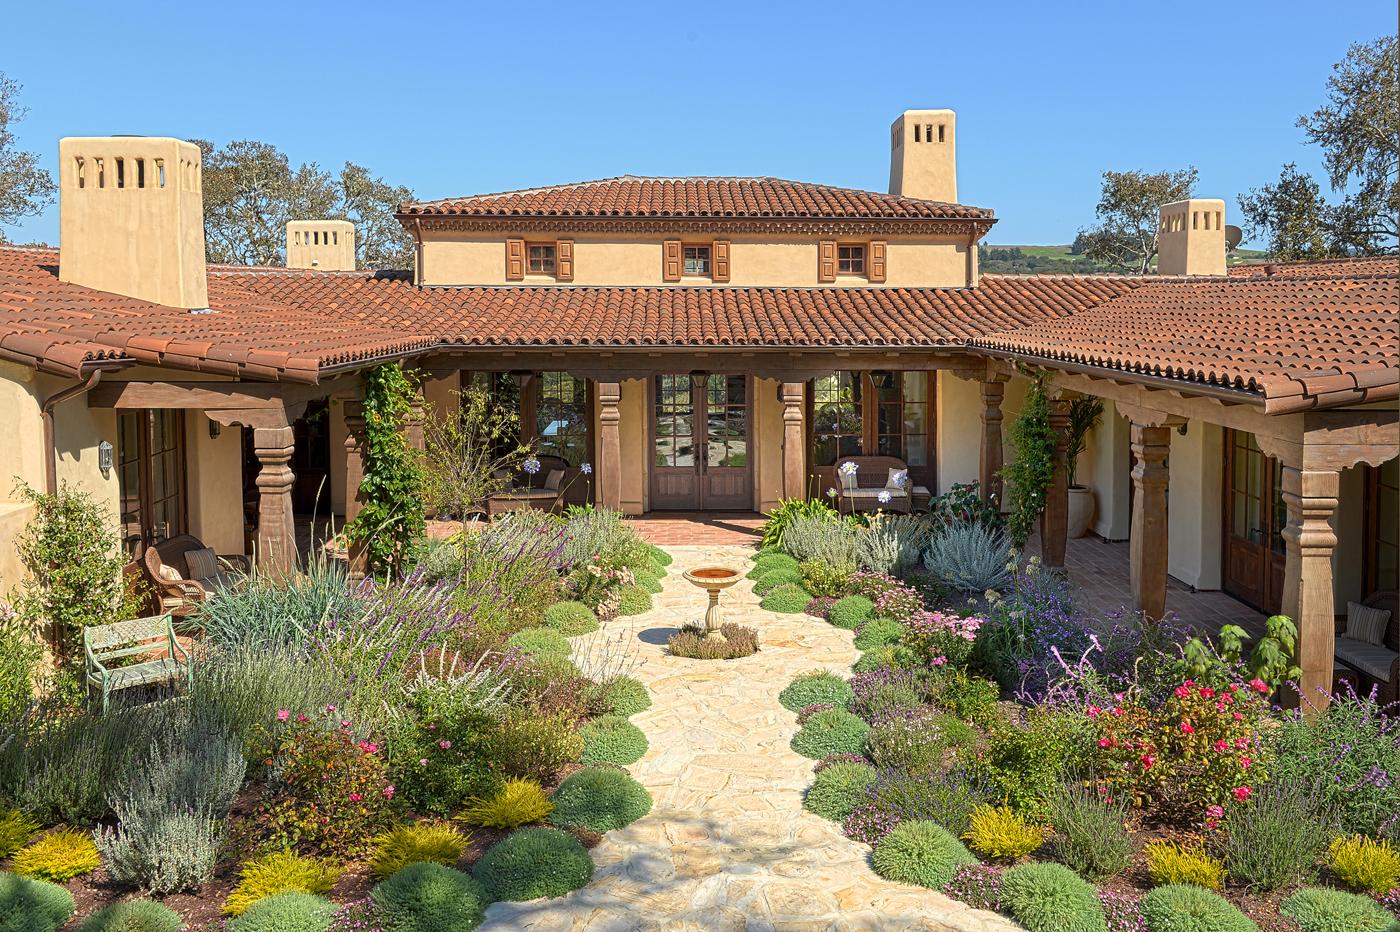 Lovett Residence 5 - Exterior of Hacienda Style Residence.jpg